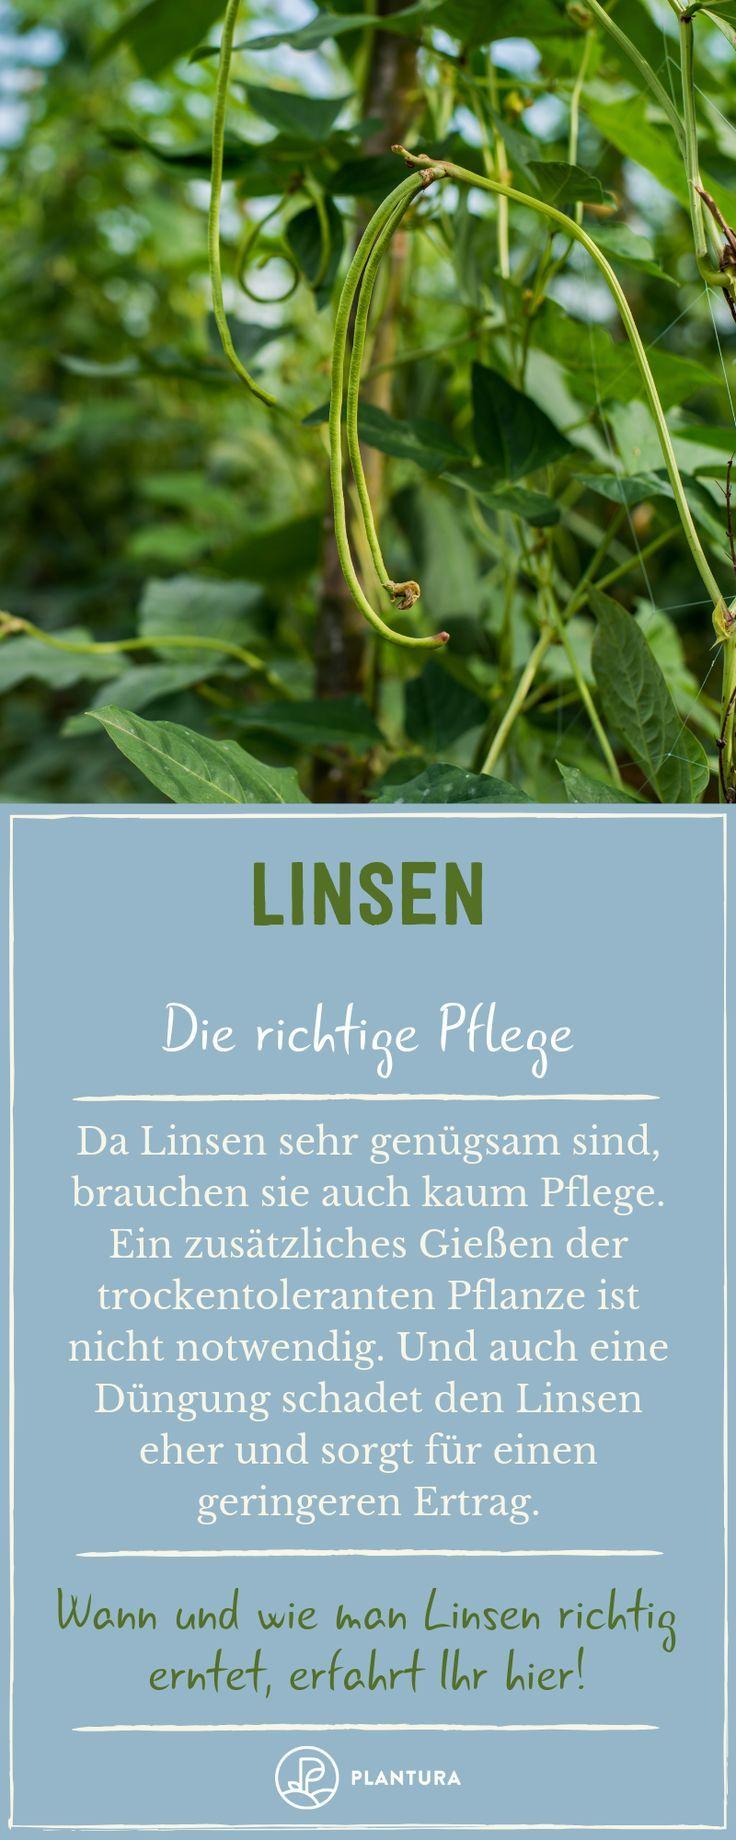 Linsen Anbau Pflege Ernte Plantura Linsen Pflanzen Gartentipps